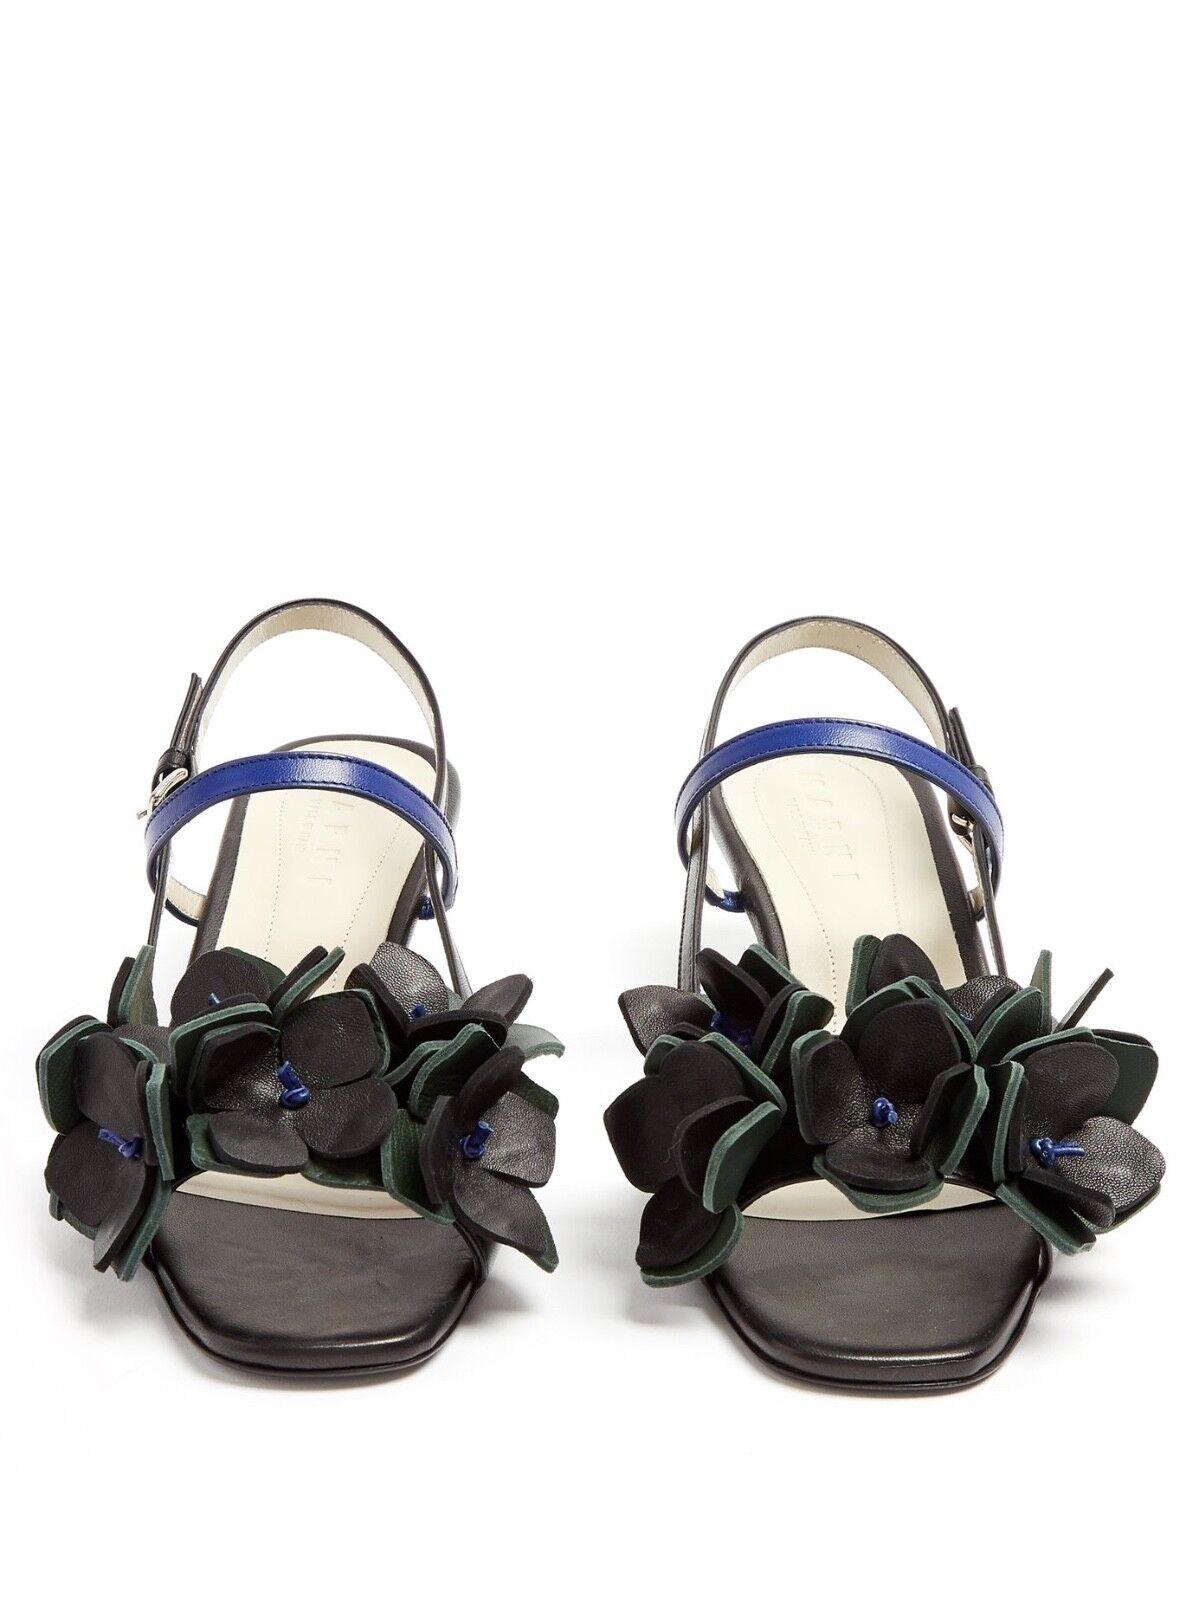 Zapatos de de de cuero Marni    2018 actual Floral Adornado Sandalias 39 6 Nuevo  grandes ofertas